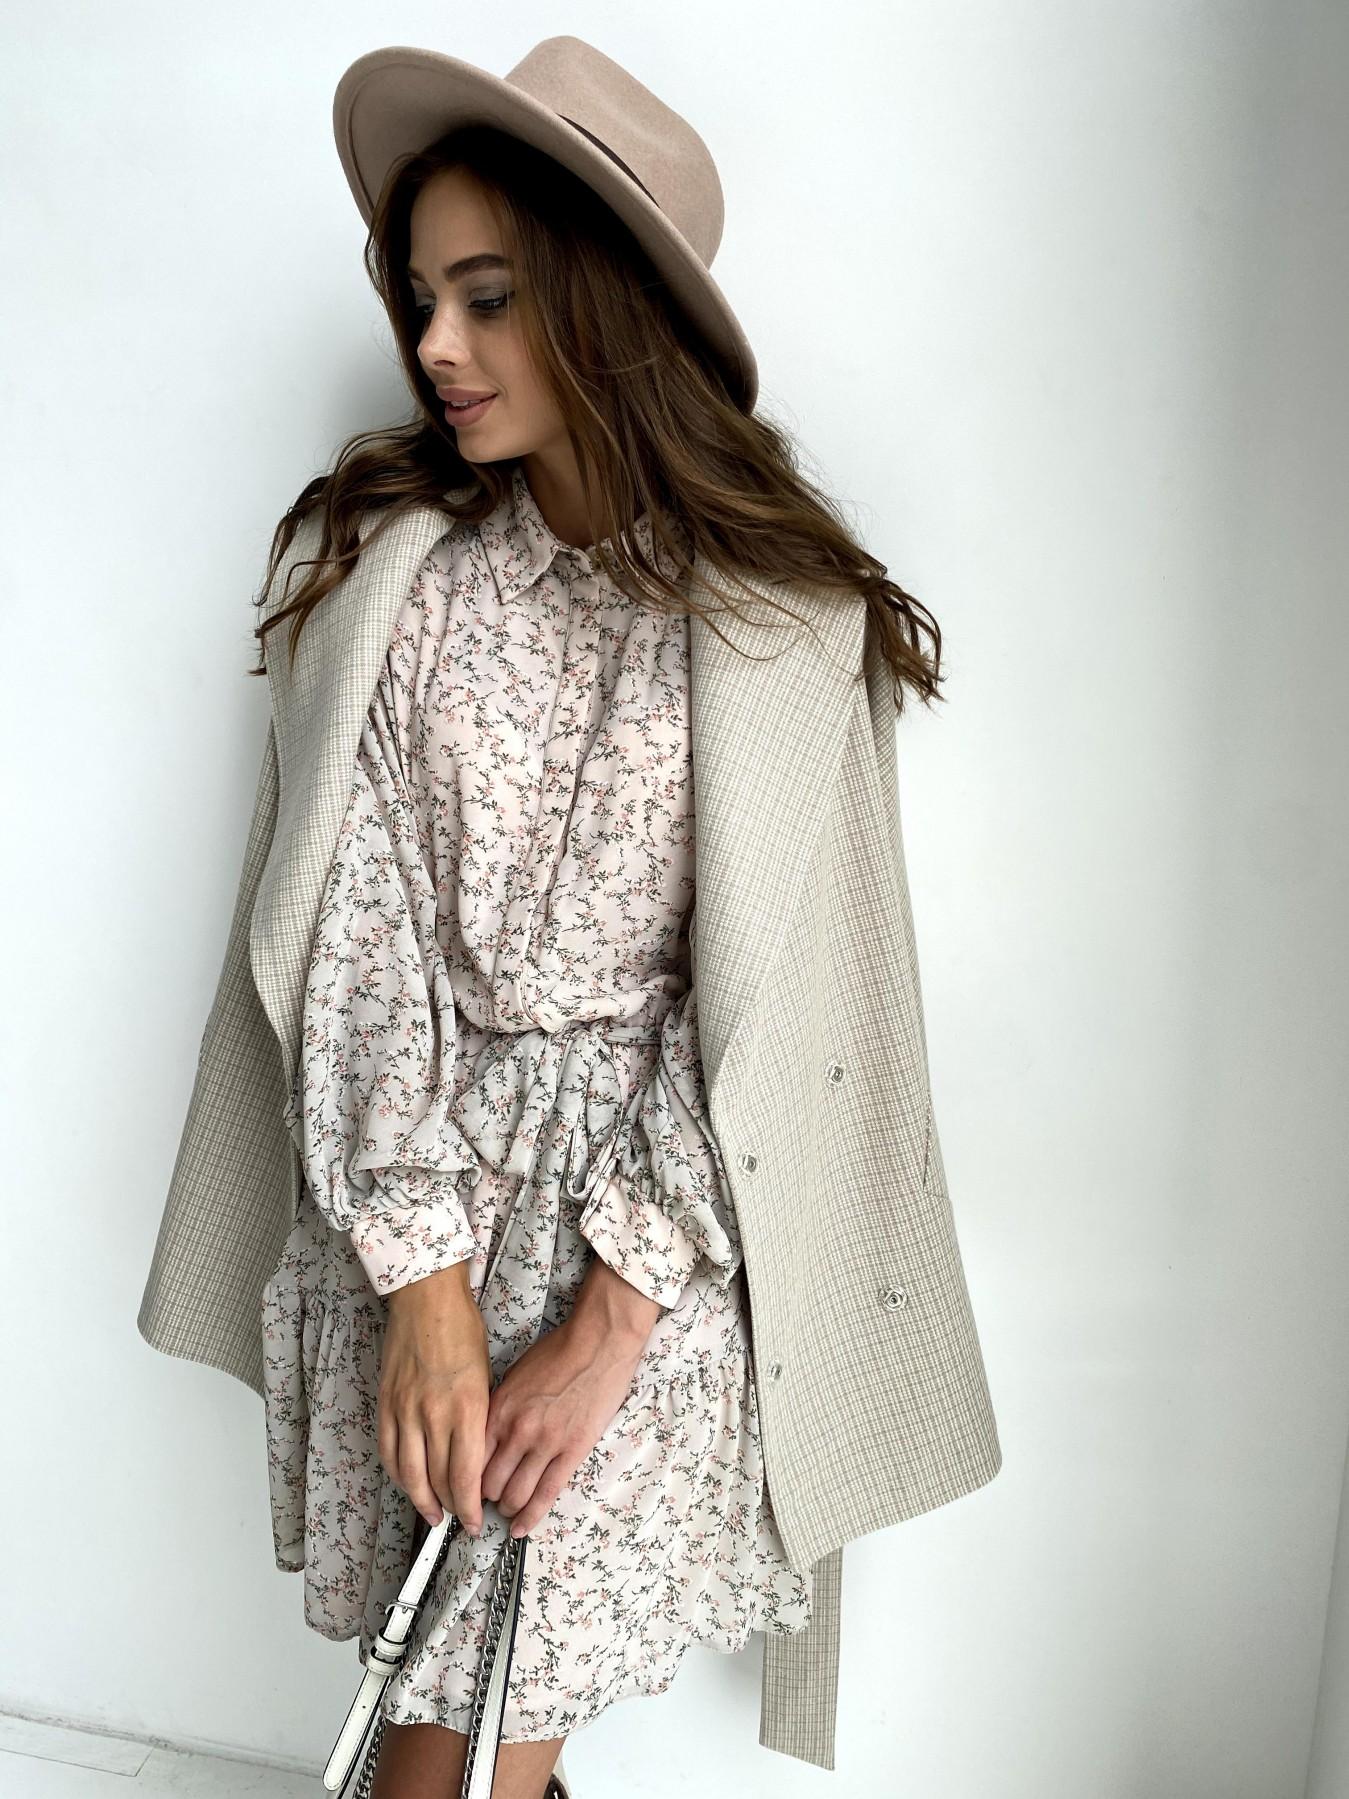 Дефиле пальто из тонкого кашемира 11745 АРТ. 48439 Цвет: Бежевый/молоко/КлМелкая - фото 3, интернет магазин tm-modus.ru